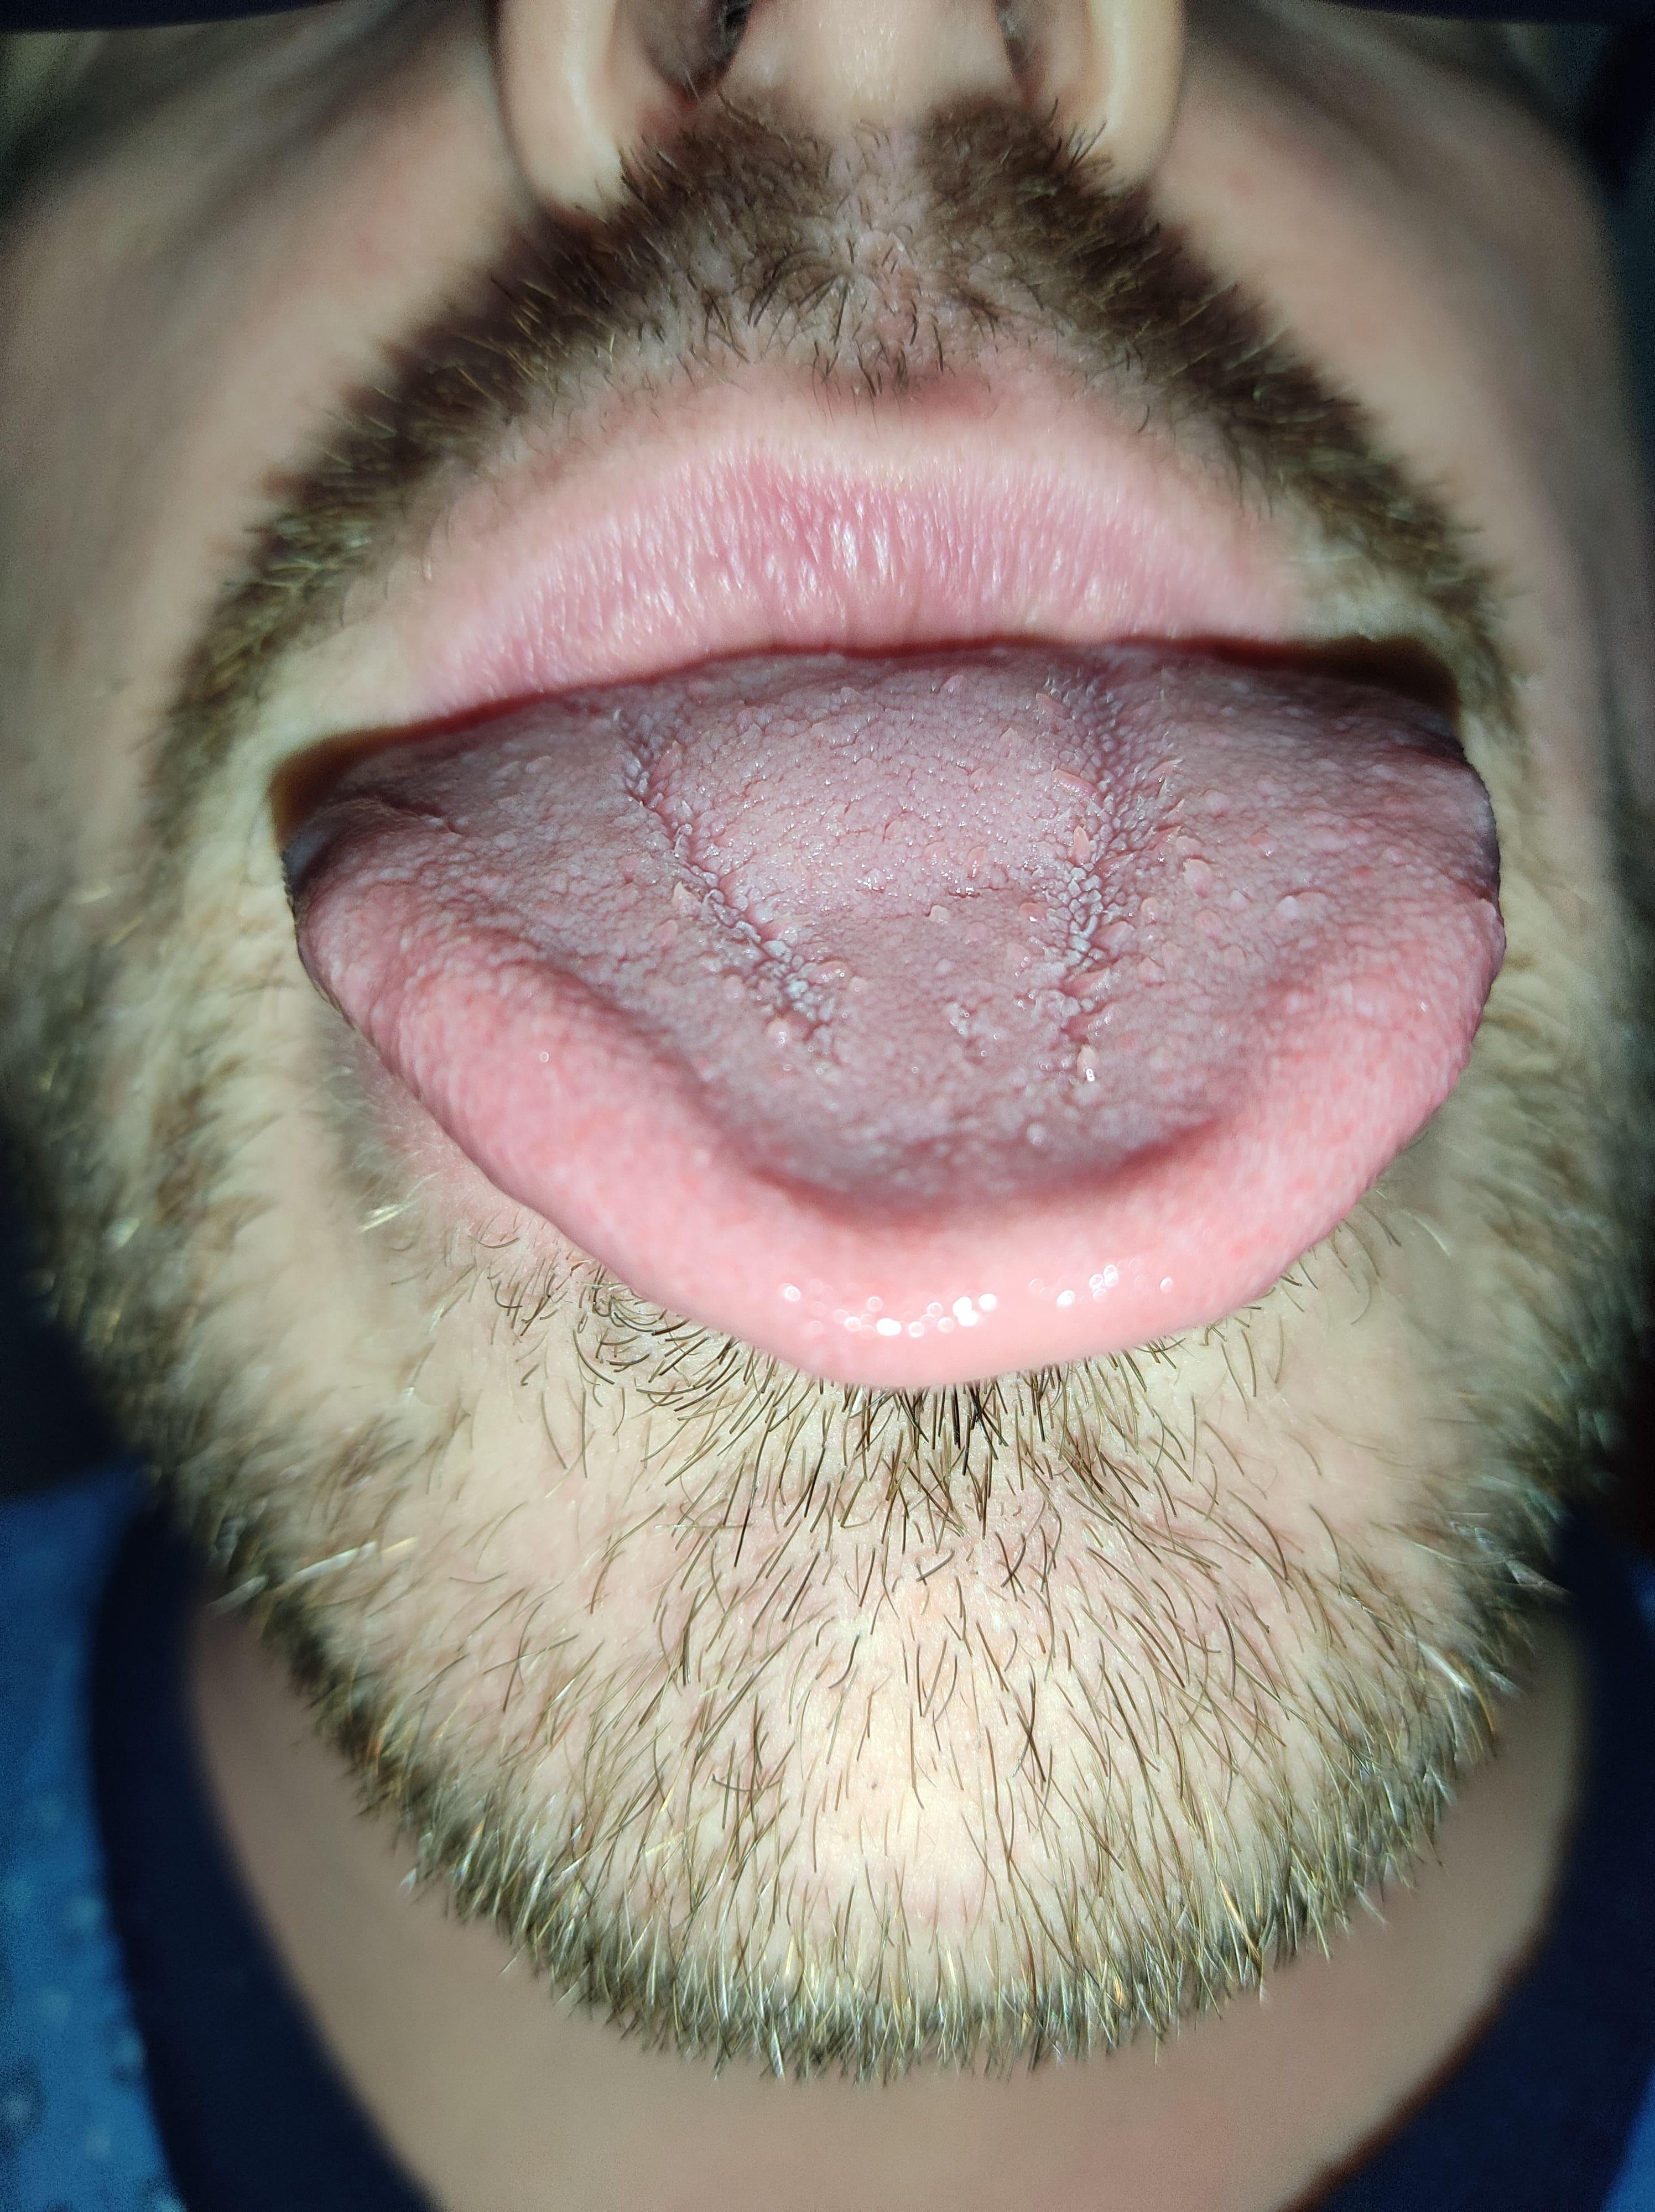 Da circa una decina di giorni ho una grave infiammazione alla lingua